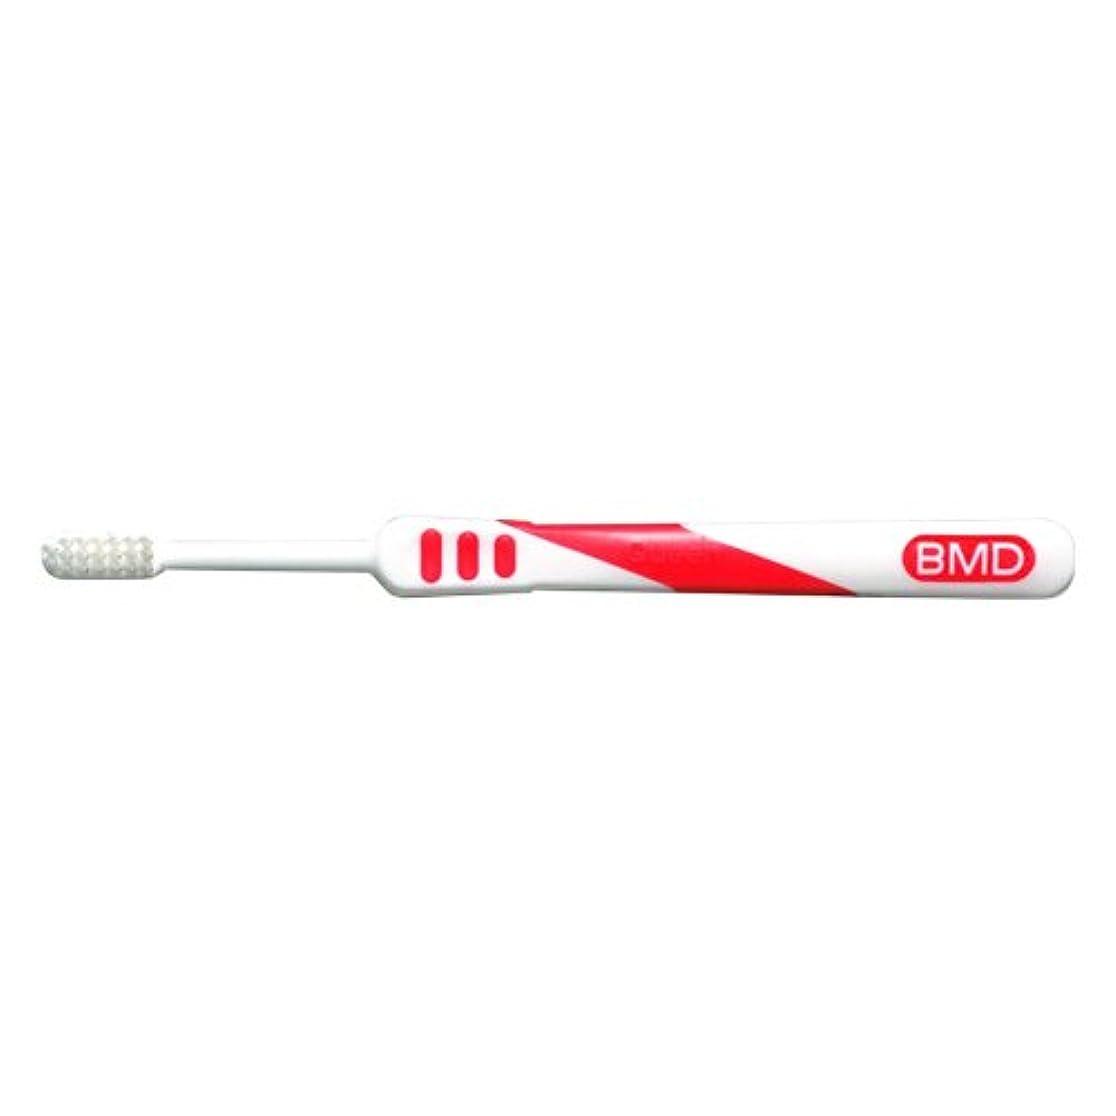 忠実に苦鮫ビーブランド ビークイーン歯ブラシ 1本 105 タイブピンク